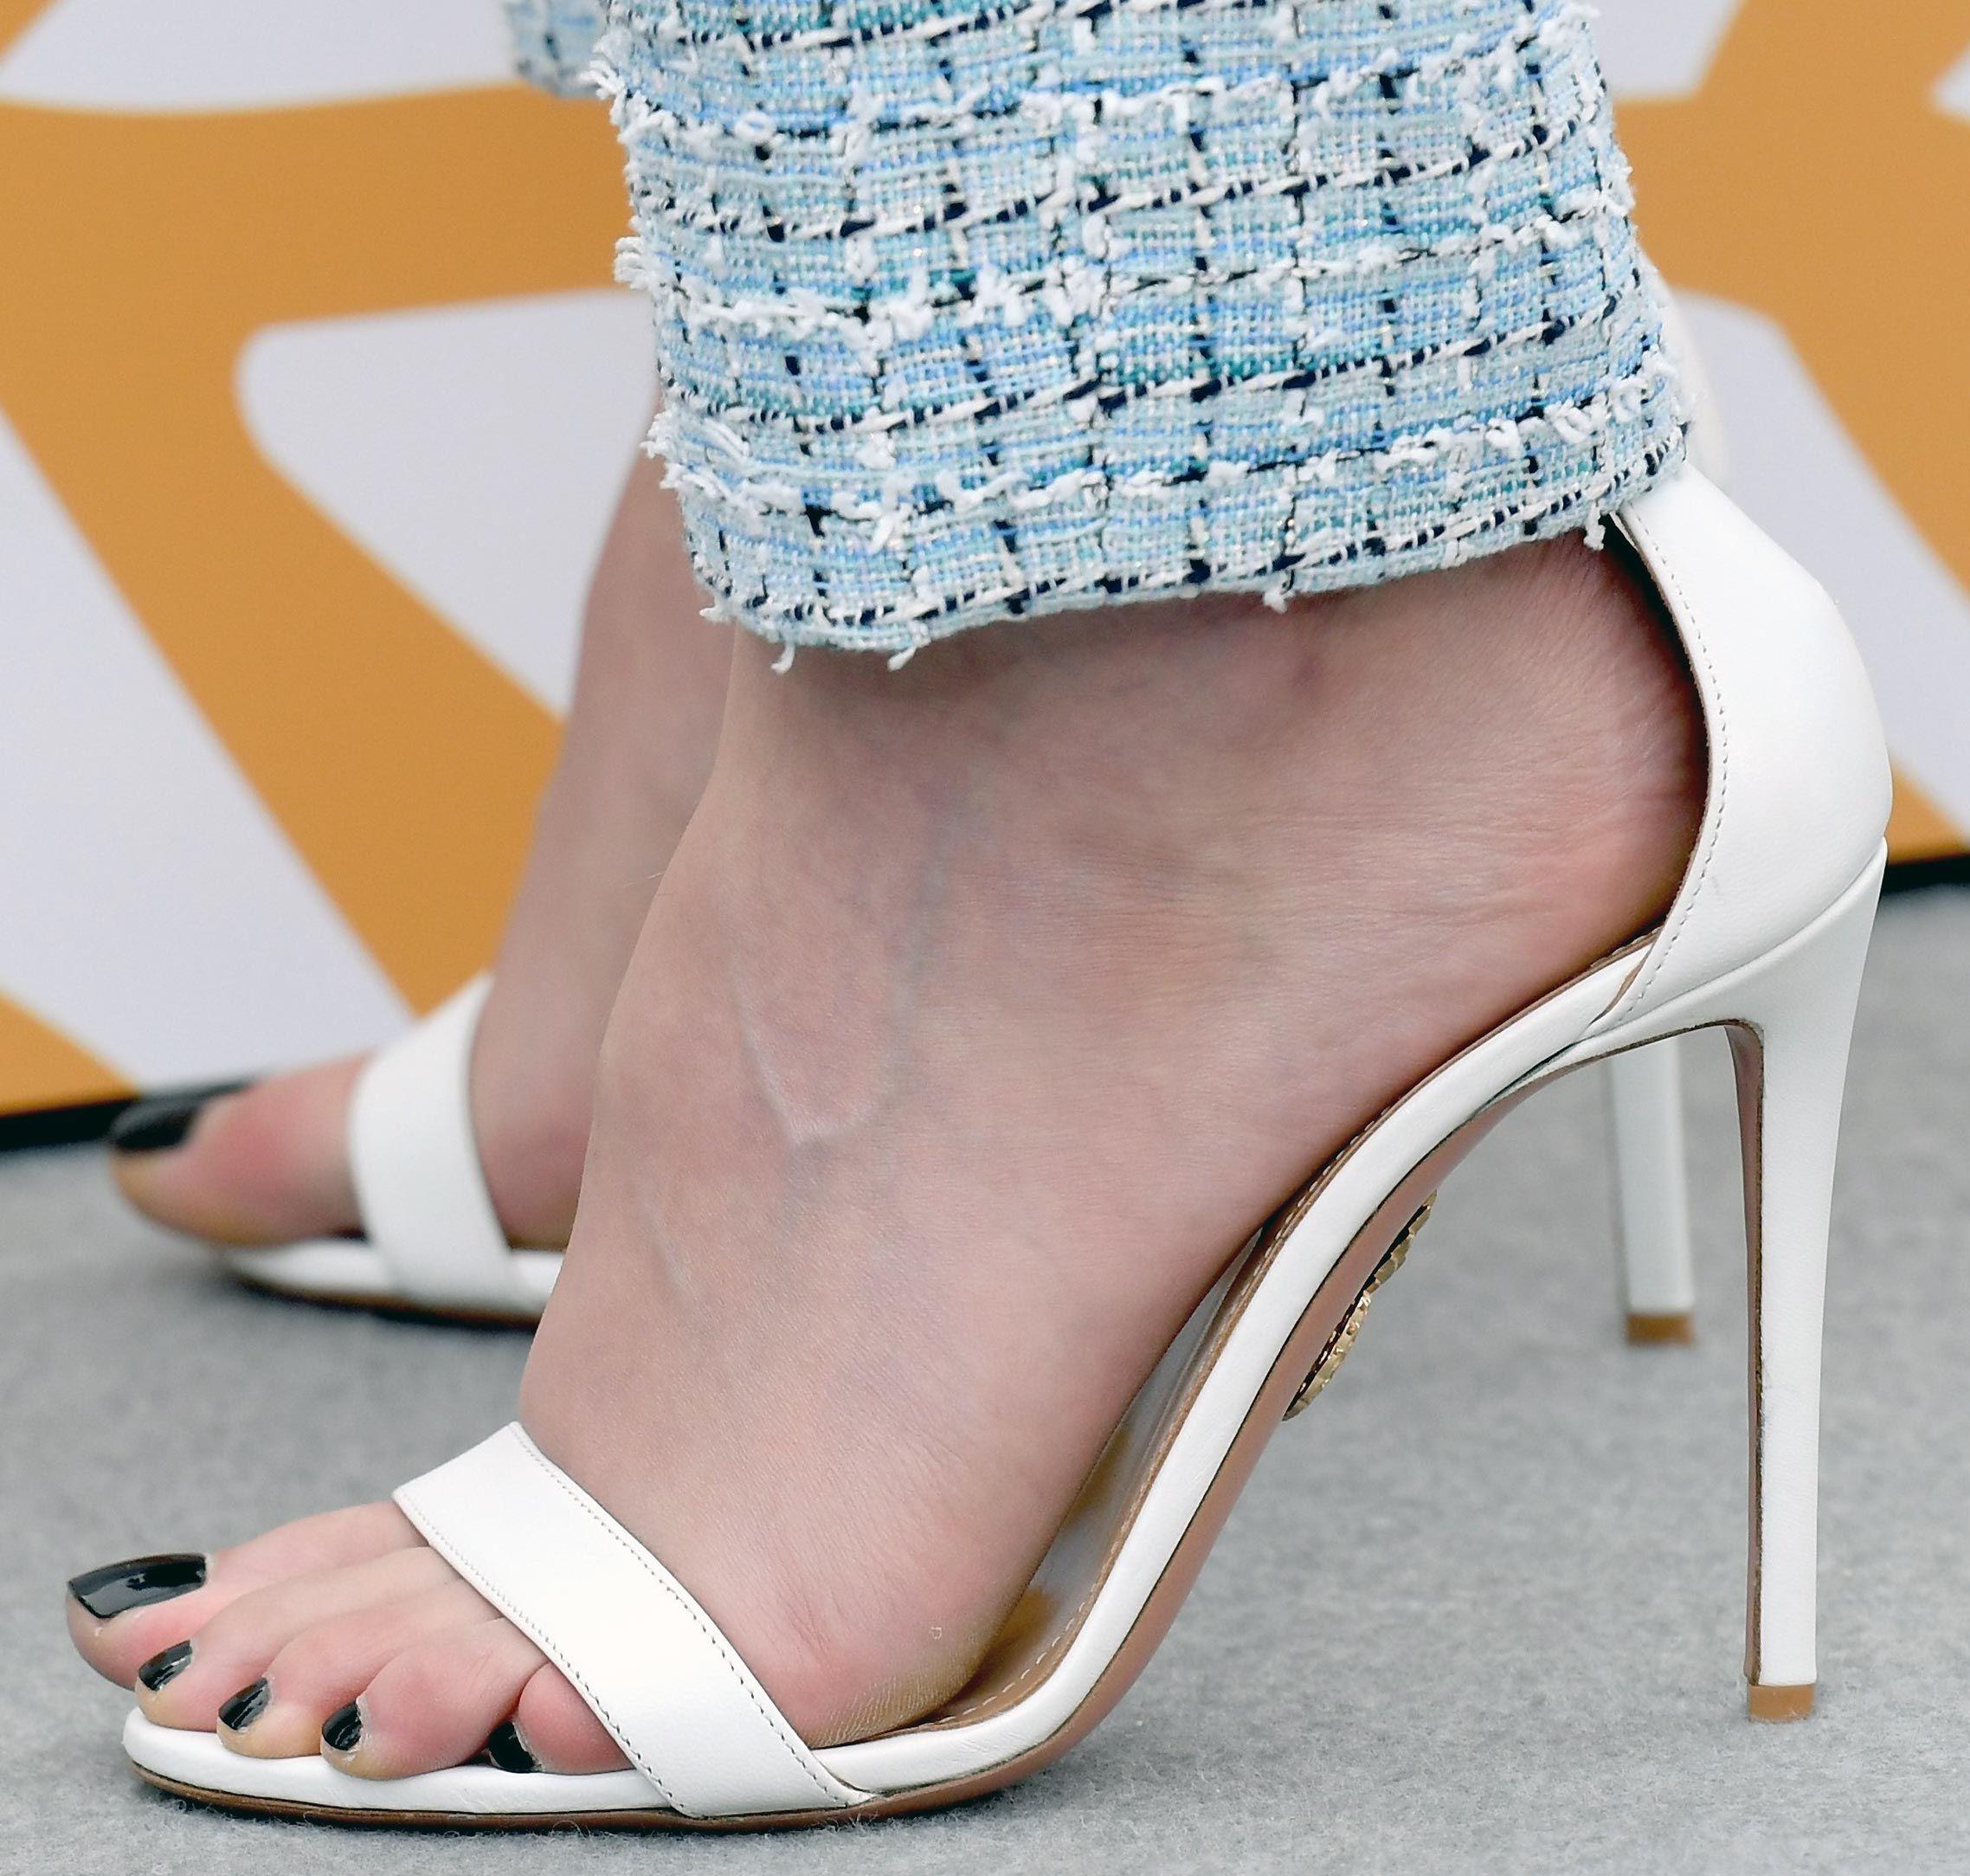 0303051210632 256 Kristen Stewart Nude Feet Porn Leaked Hot